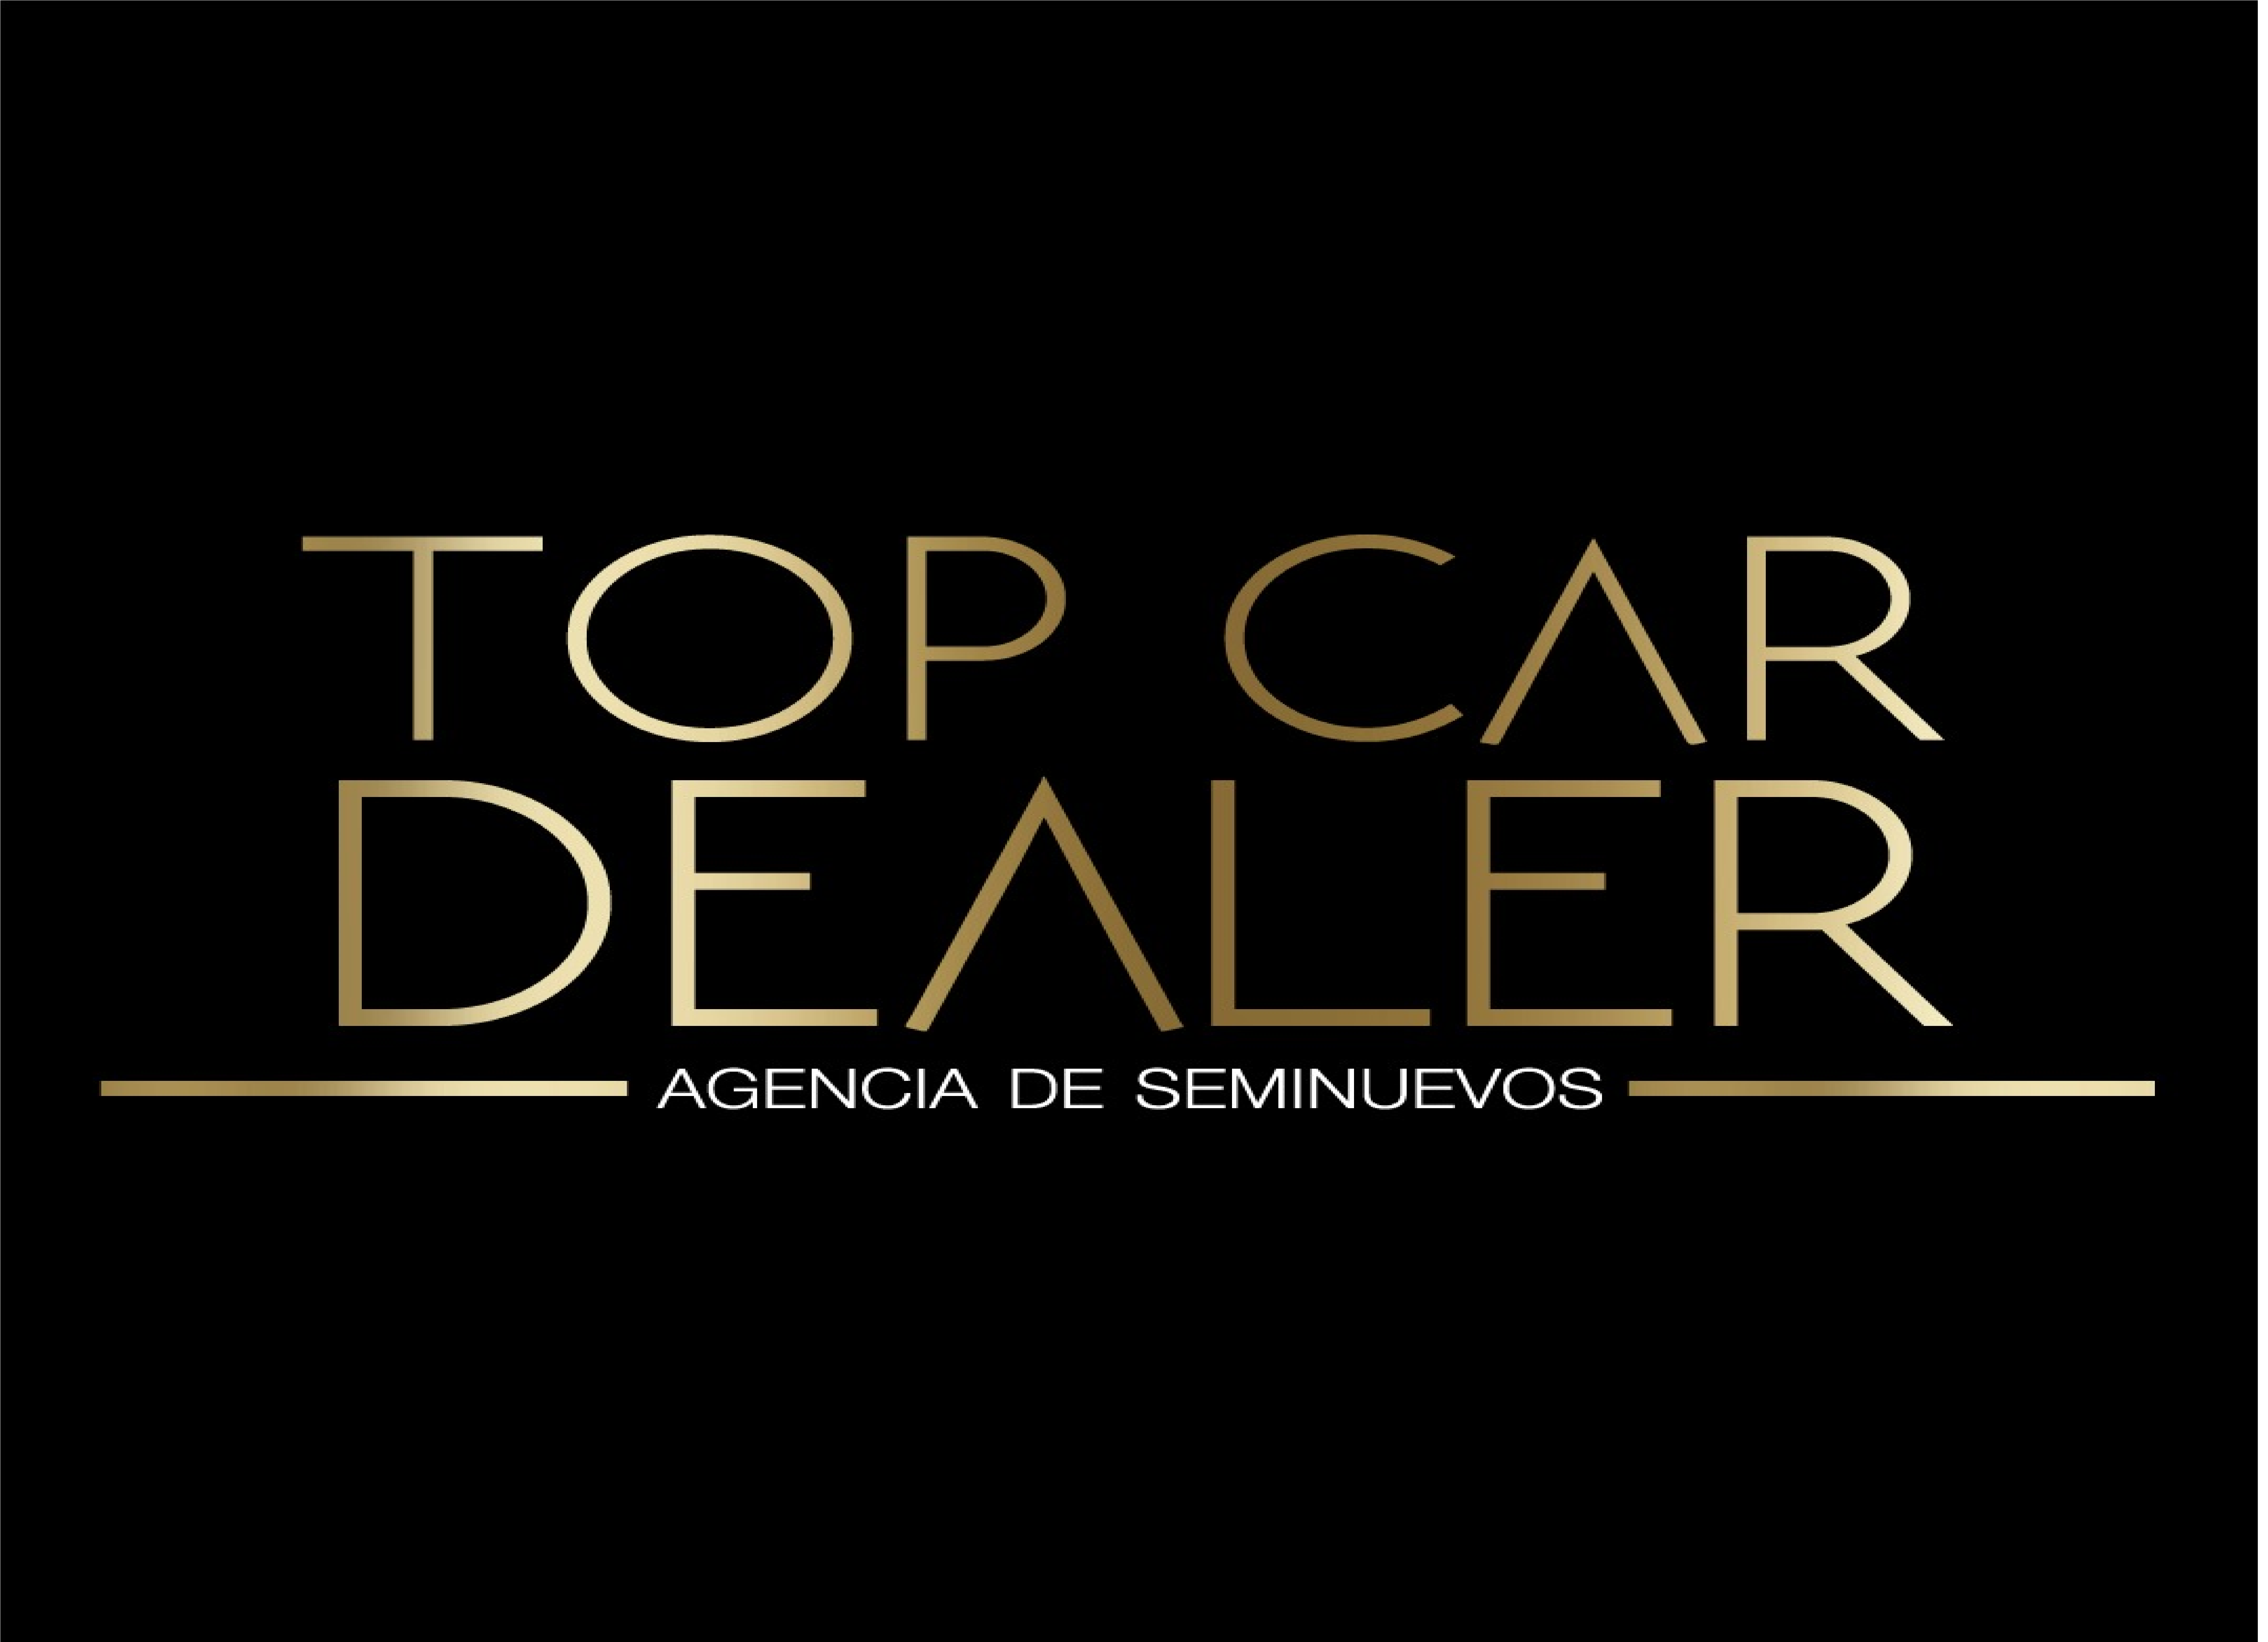 Ver más vehículos de Topcardealermx